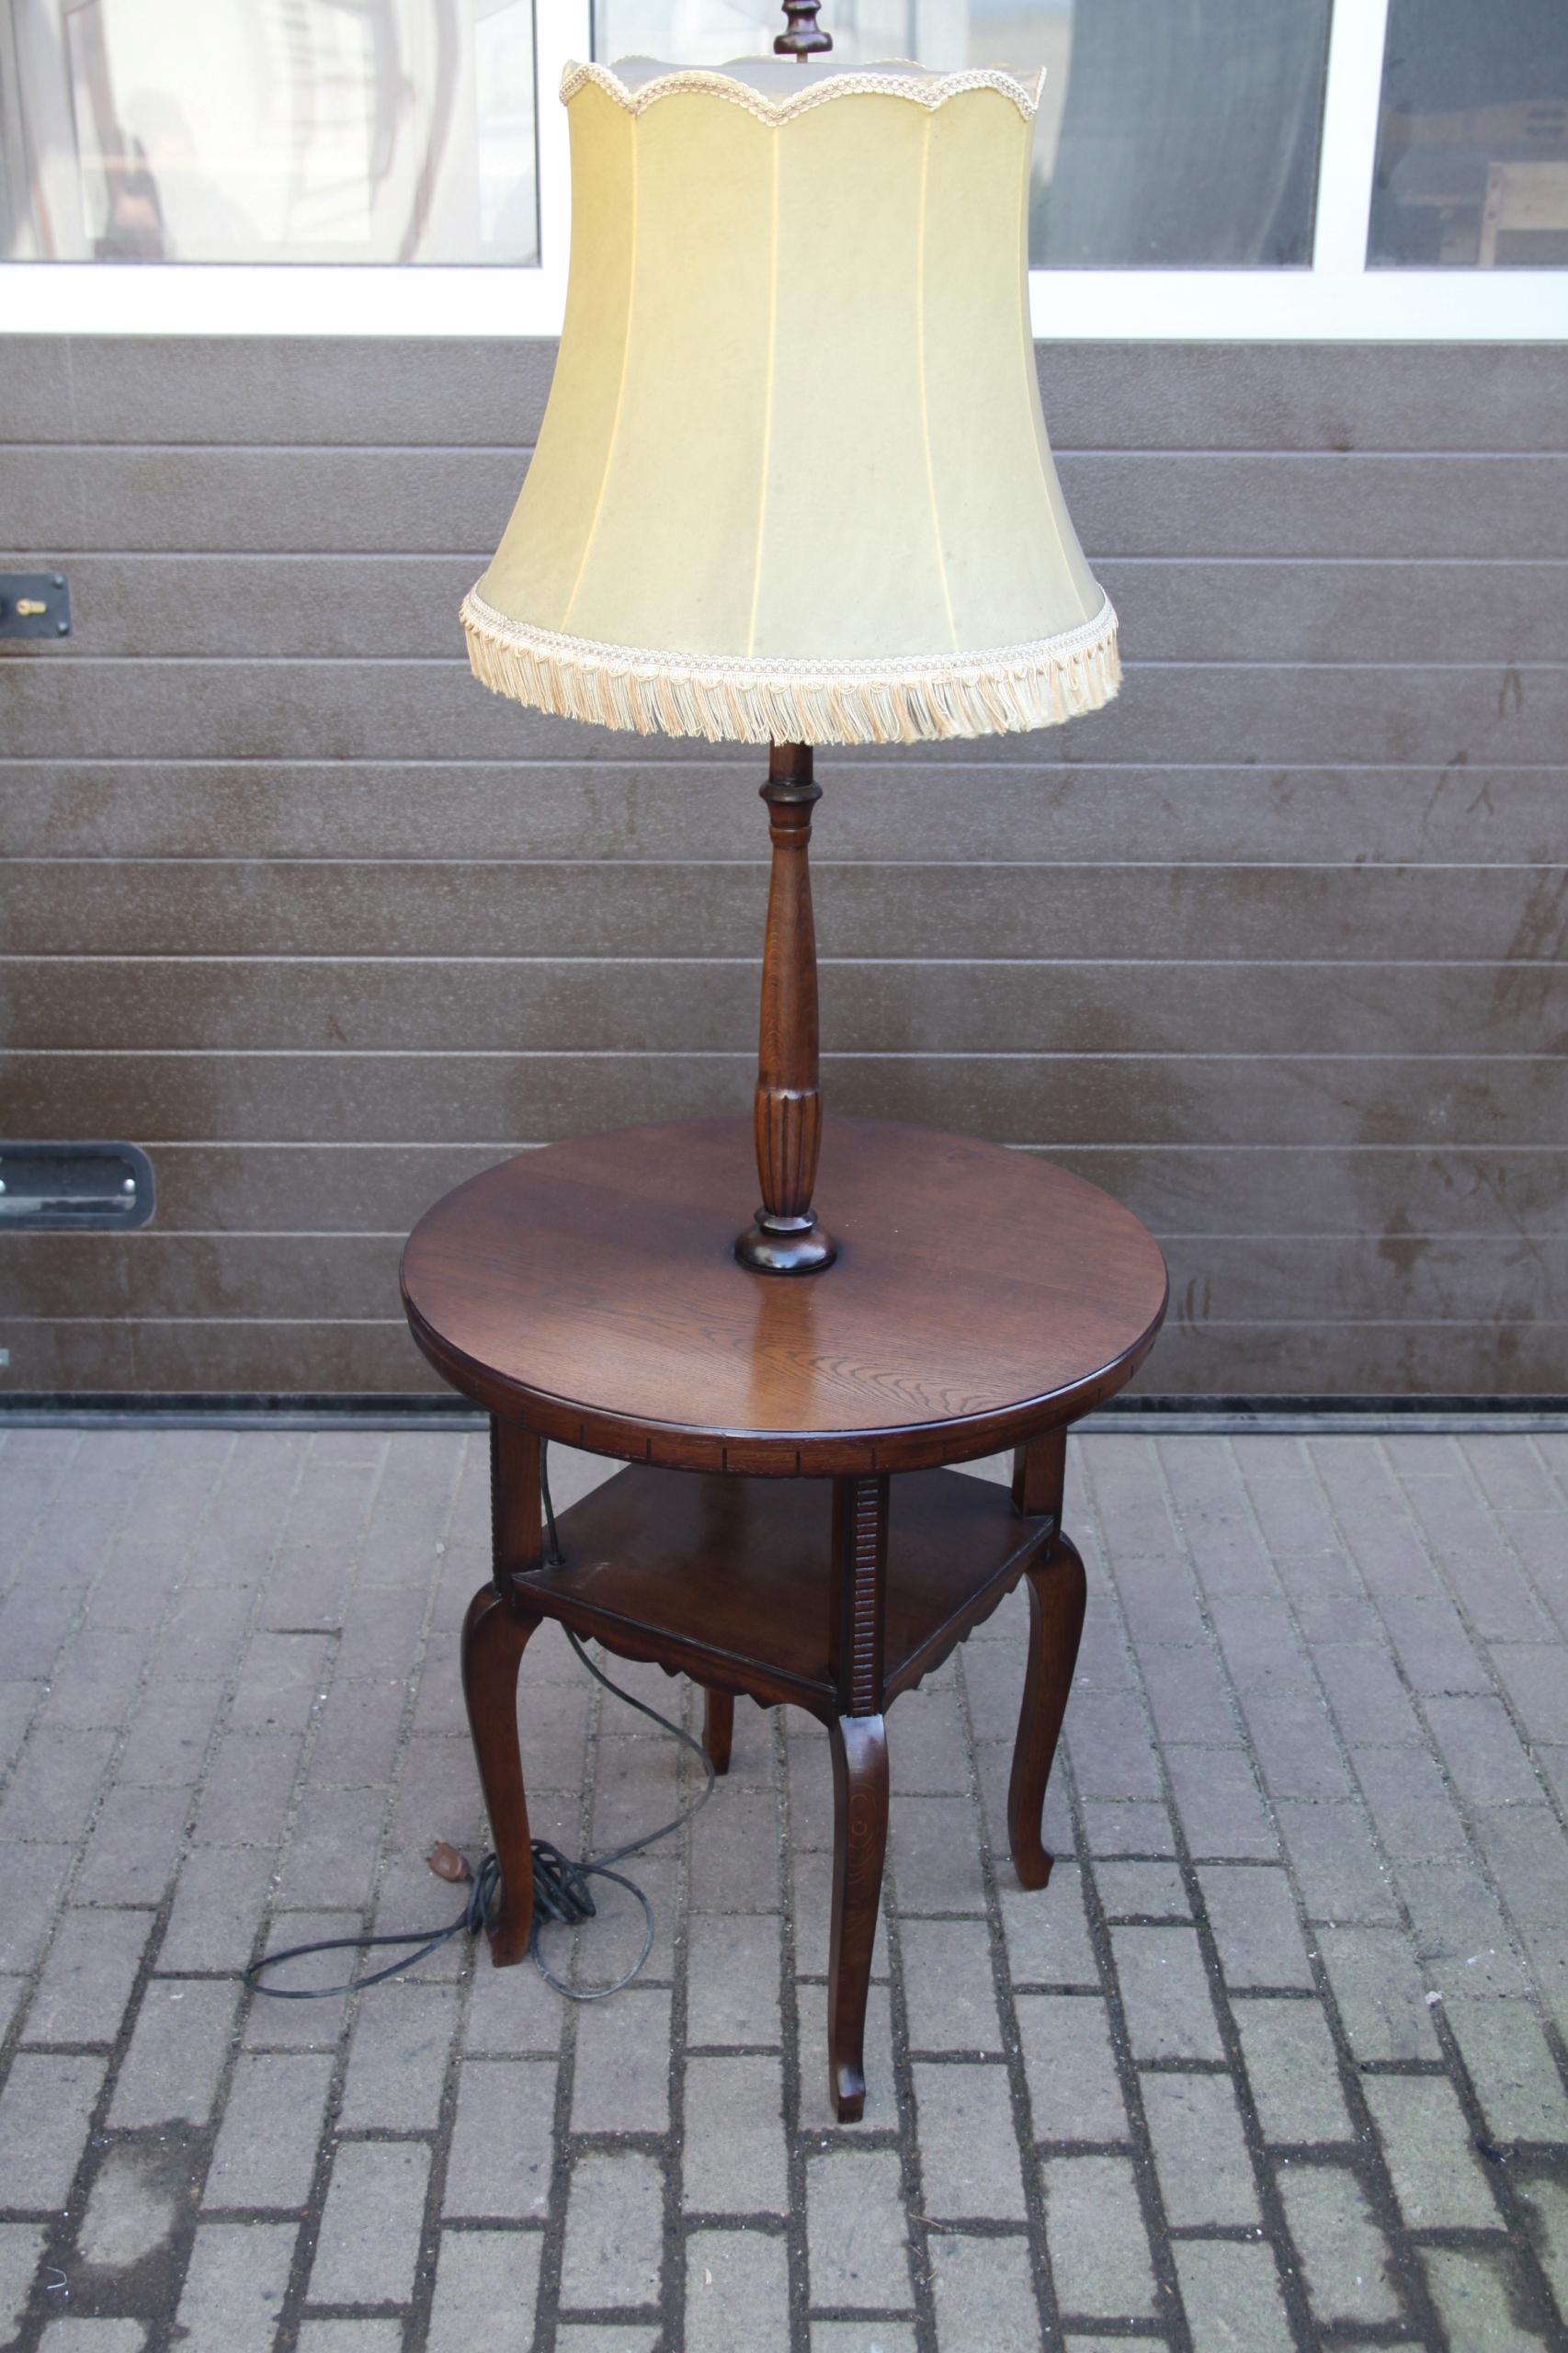 Lampa ,stolik ludwikowska stara po renowacji okaz